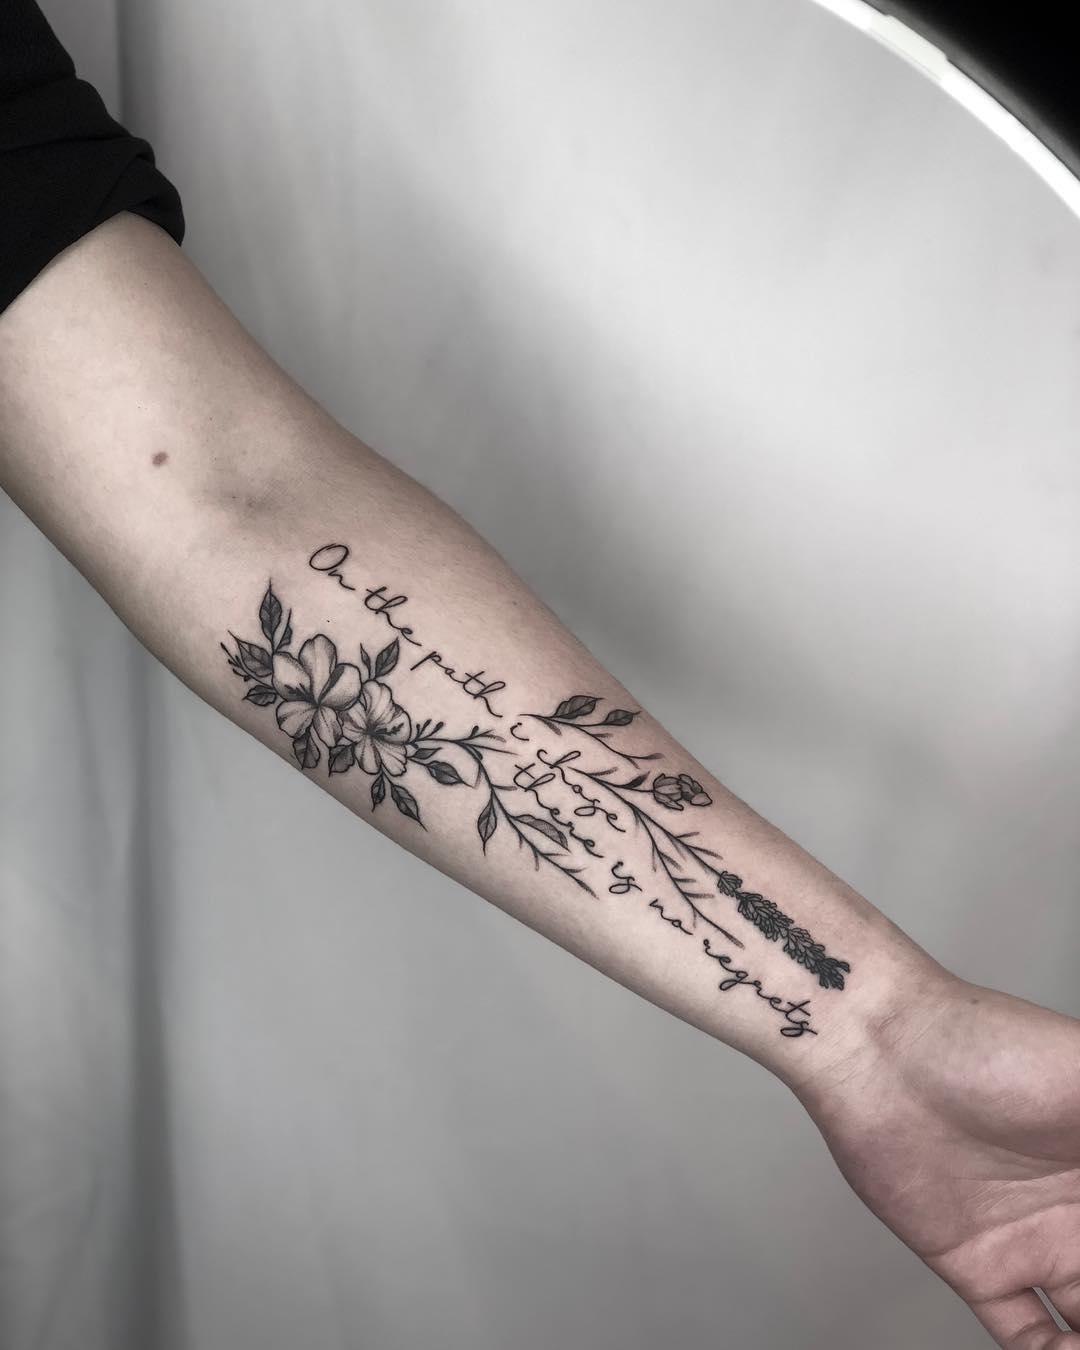 腰侧英文字图案纹身范本装修设计任务书商铺图片